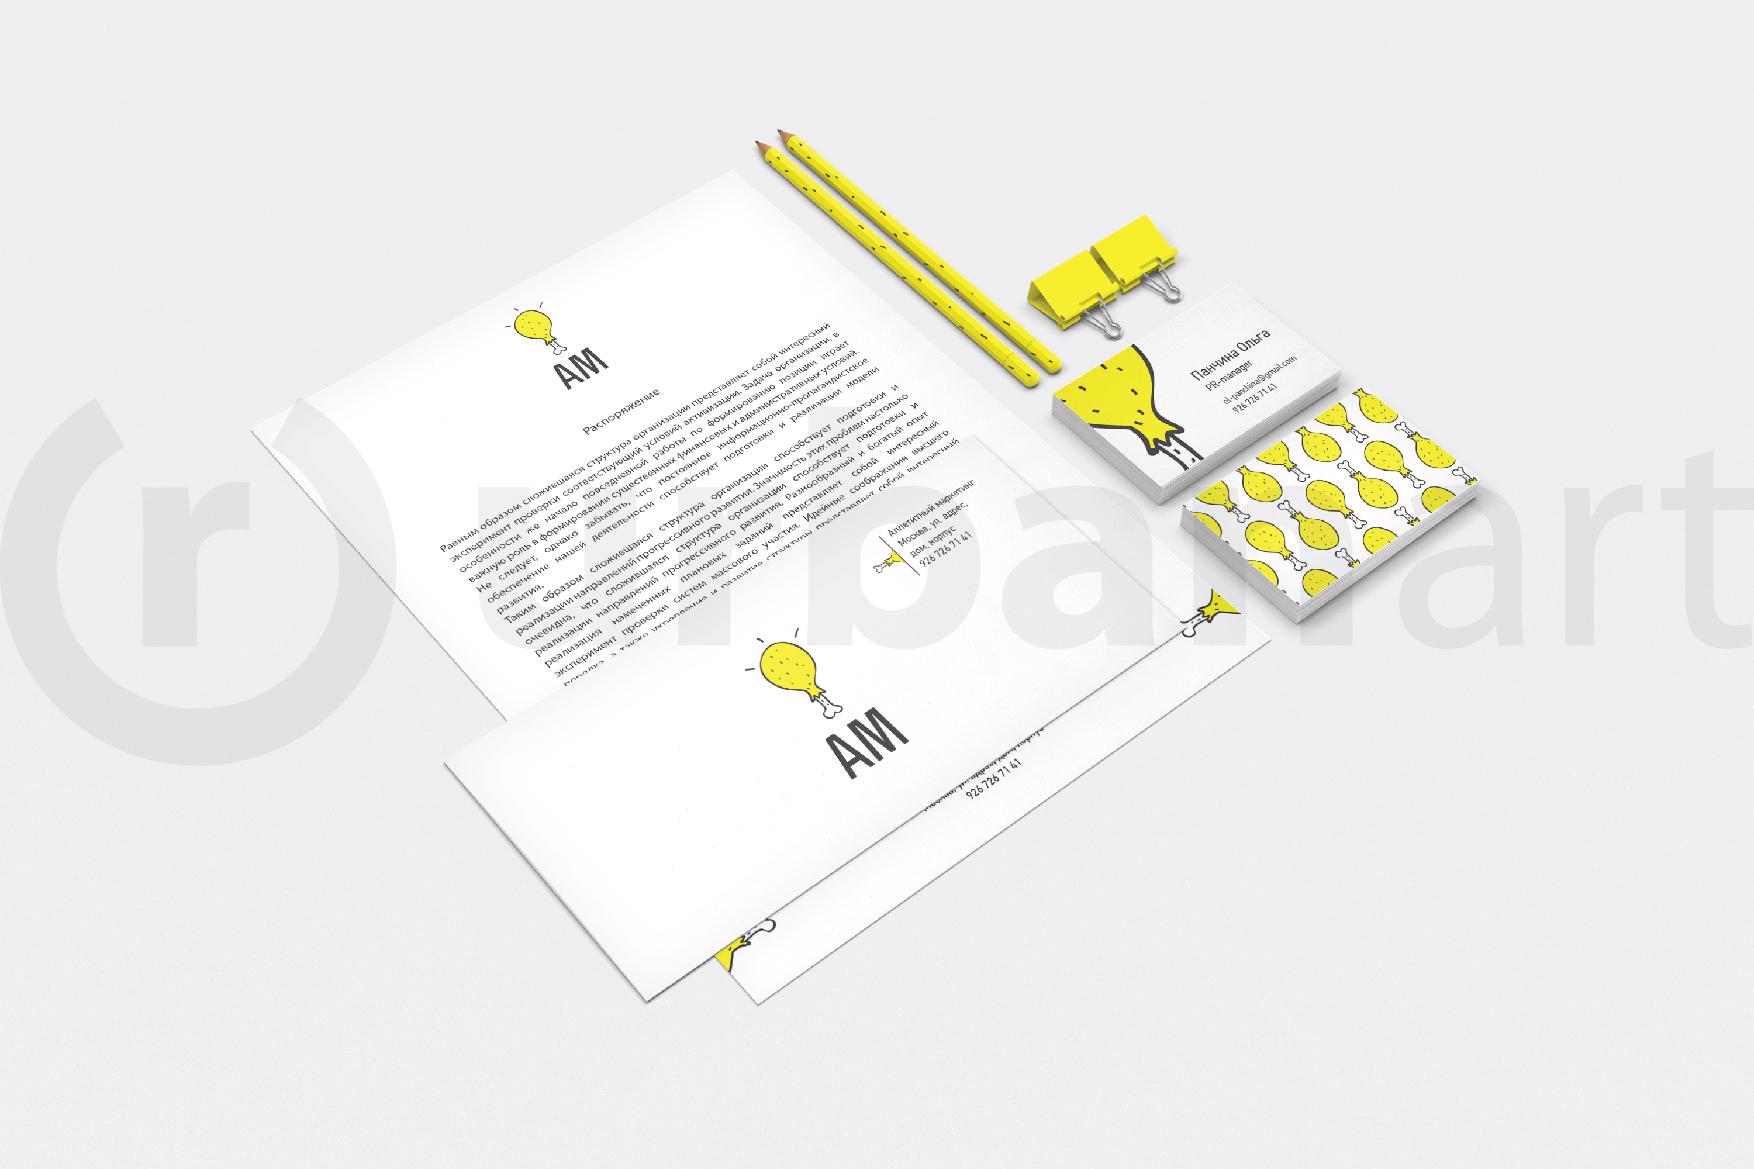 Разработка логотипа и фирменного стиля для компании Аппетитный Маркетинг